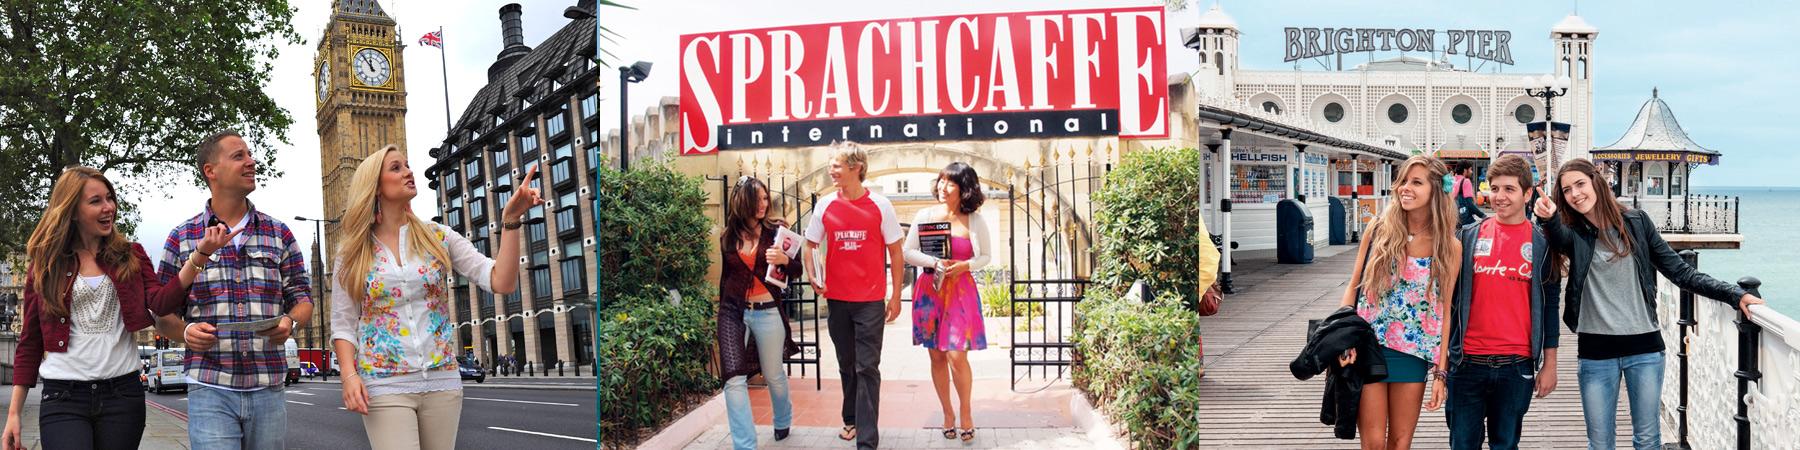 Sprachcaffe - языковые курсы для взрослых